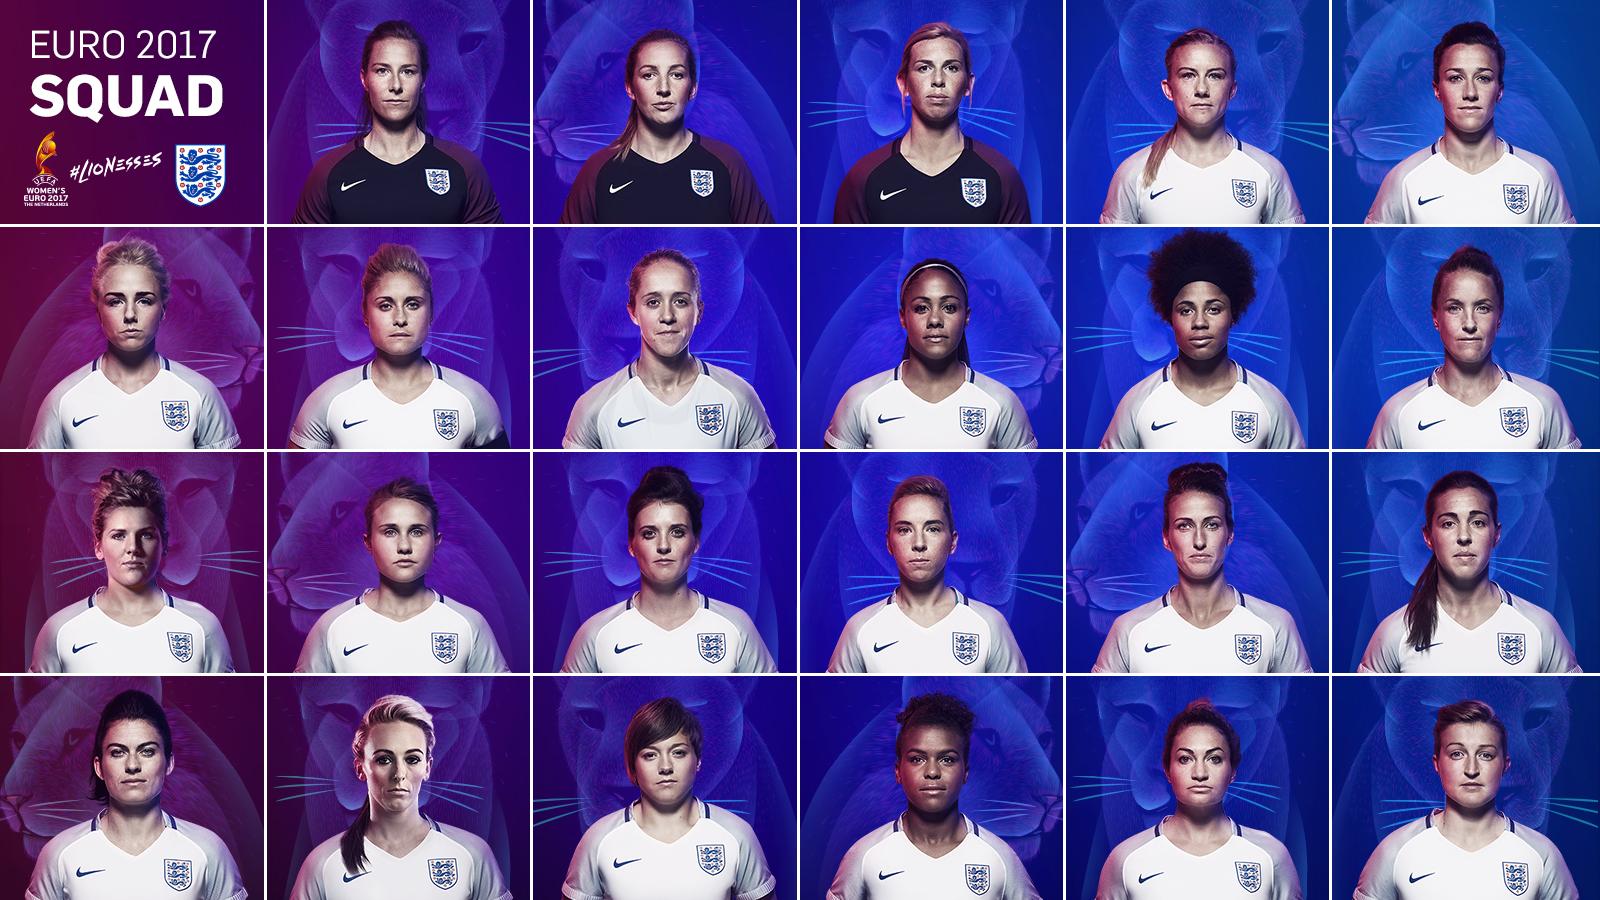 England's Euro 2017 lioness squad